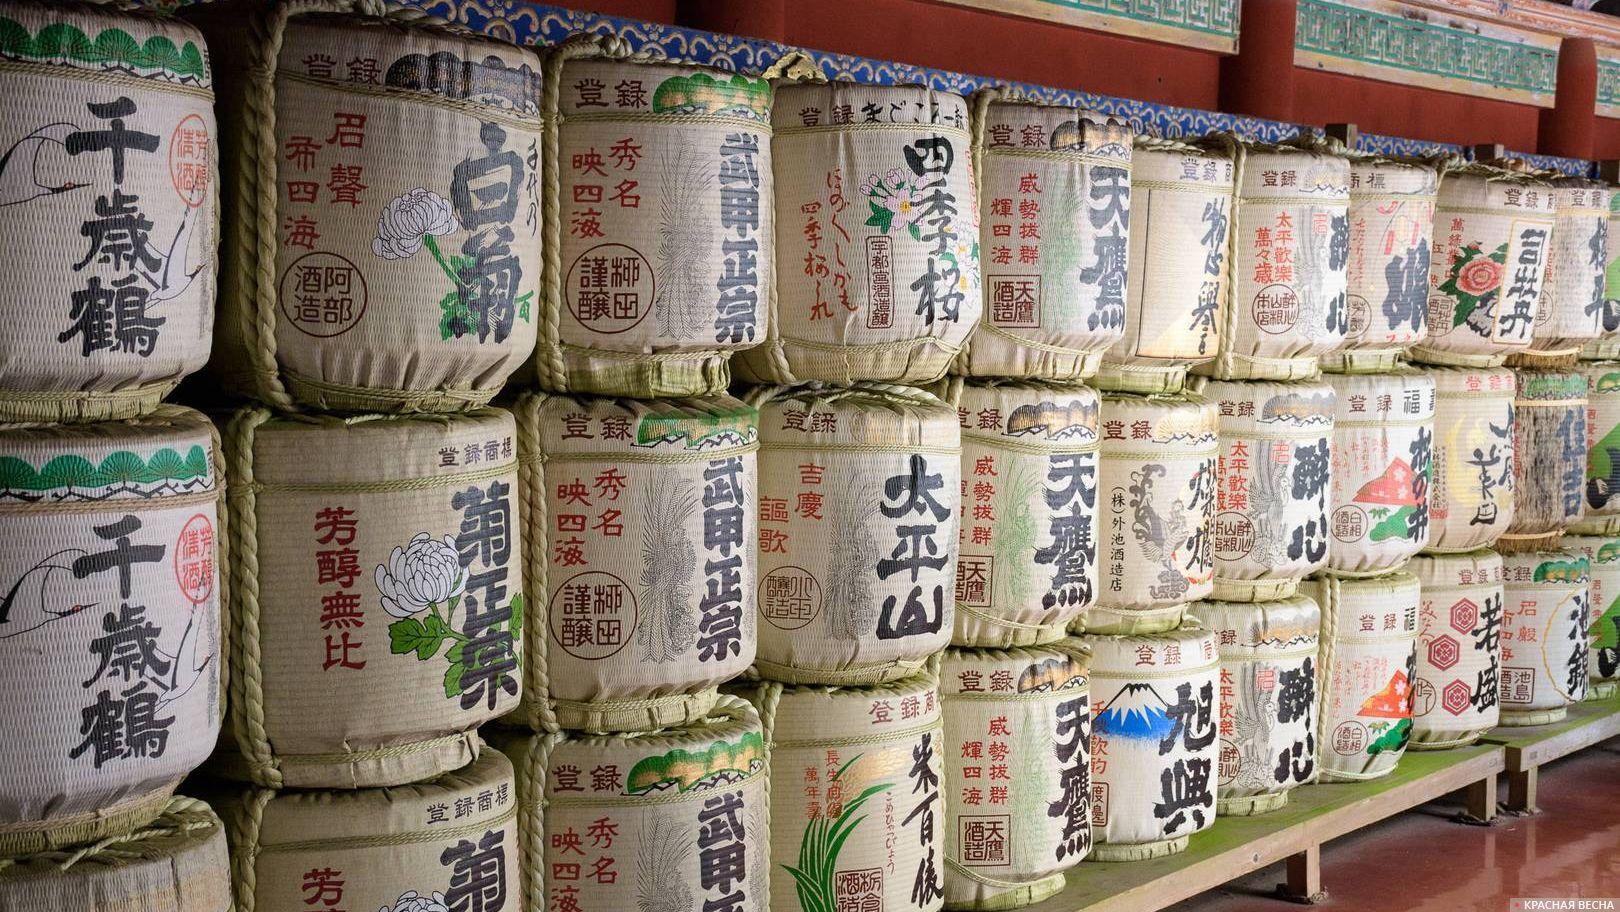 Комокабури - бочки с саке, храмовый комплекс Тосёгу, Никко, Япония 31.10.2016